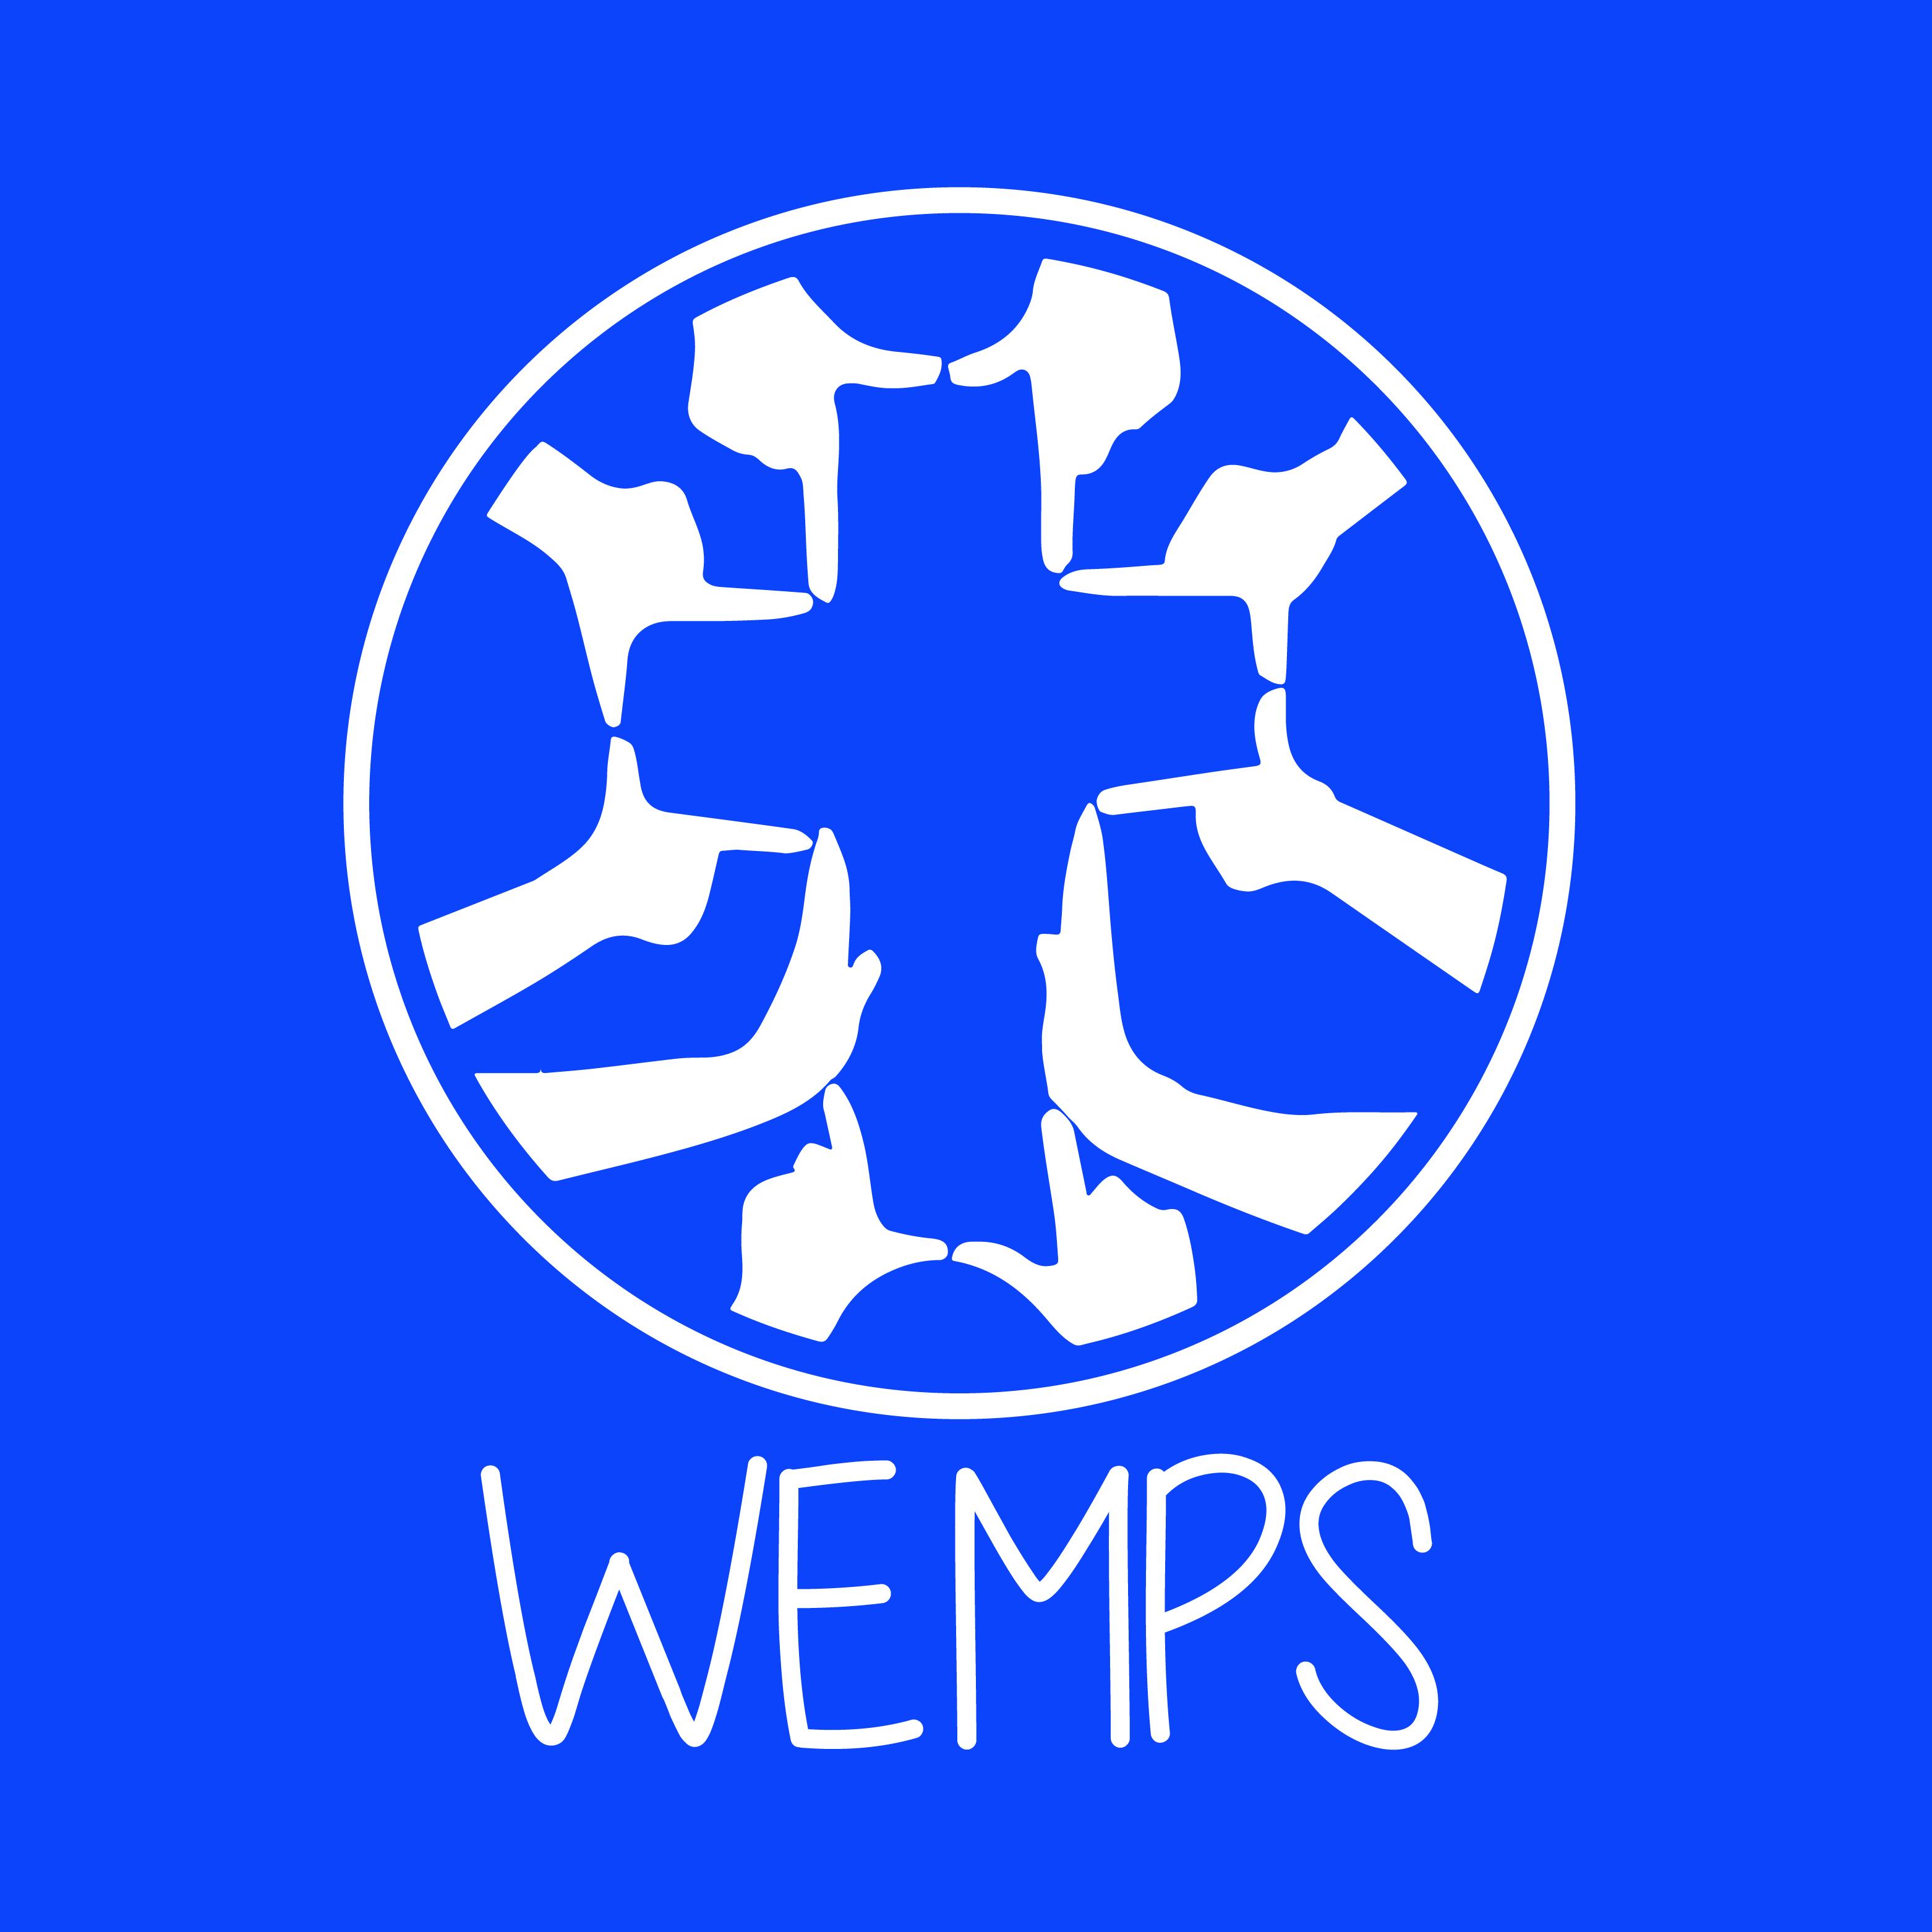 """Résultat de recherche d'images pour """"image des wemps"""""""